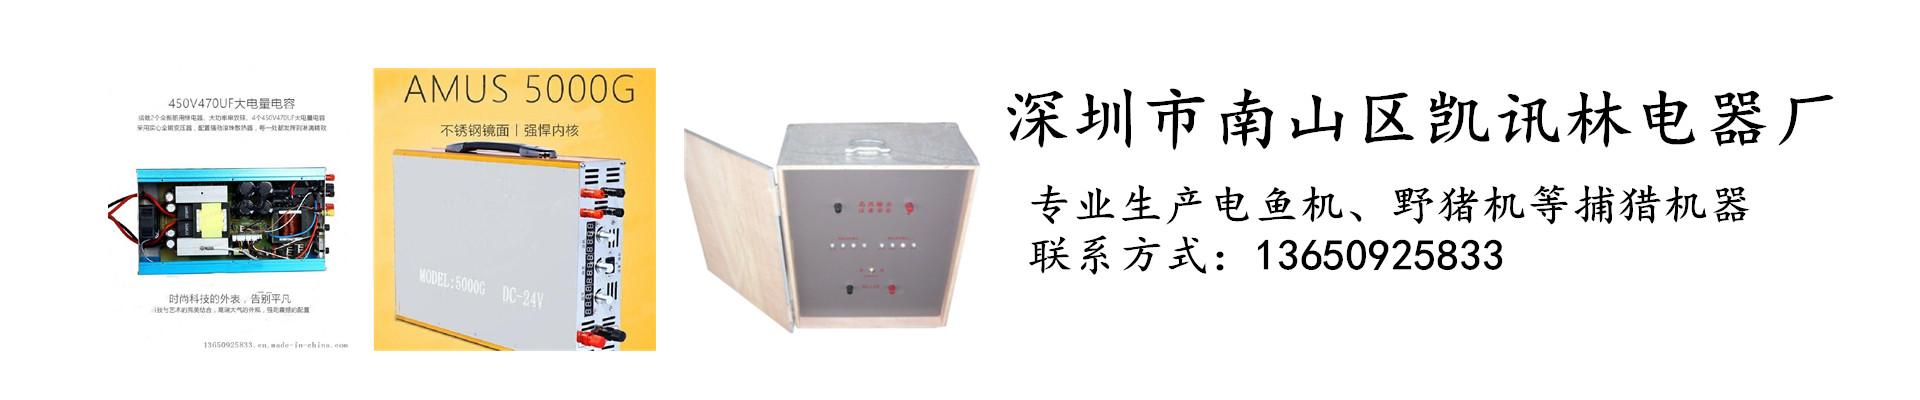 深圳市南山区凯讯林电器厂